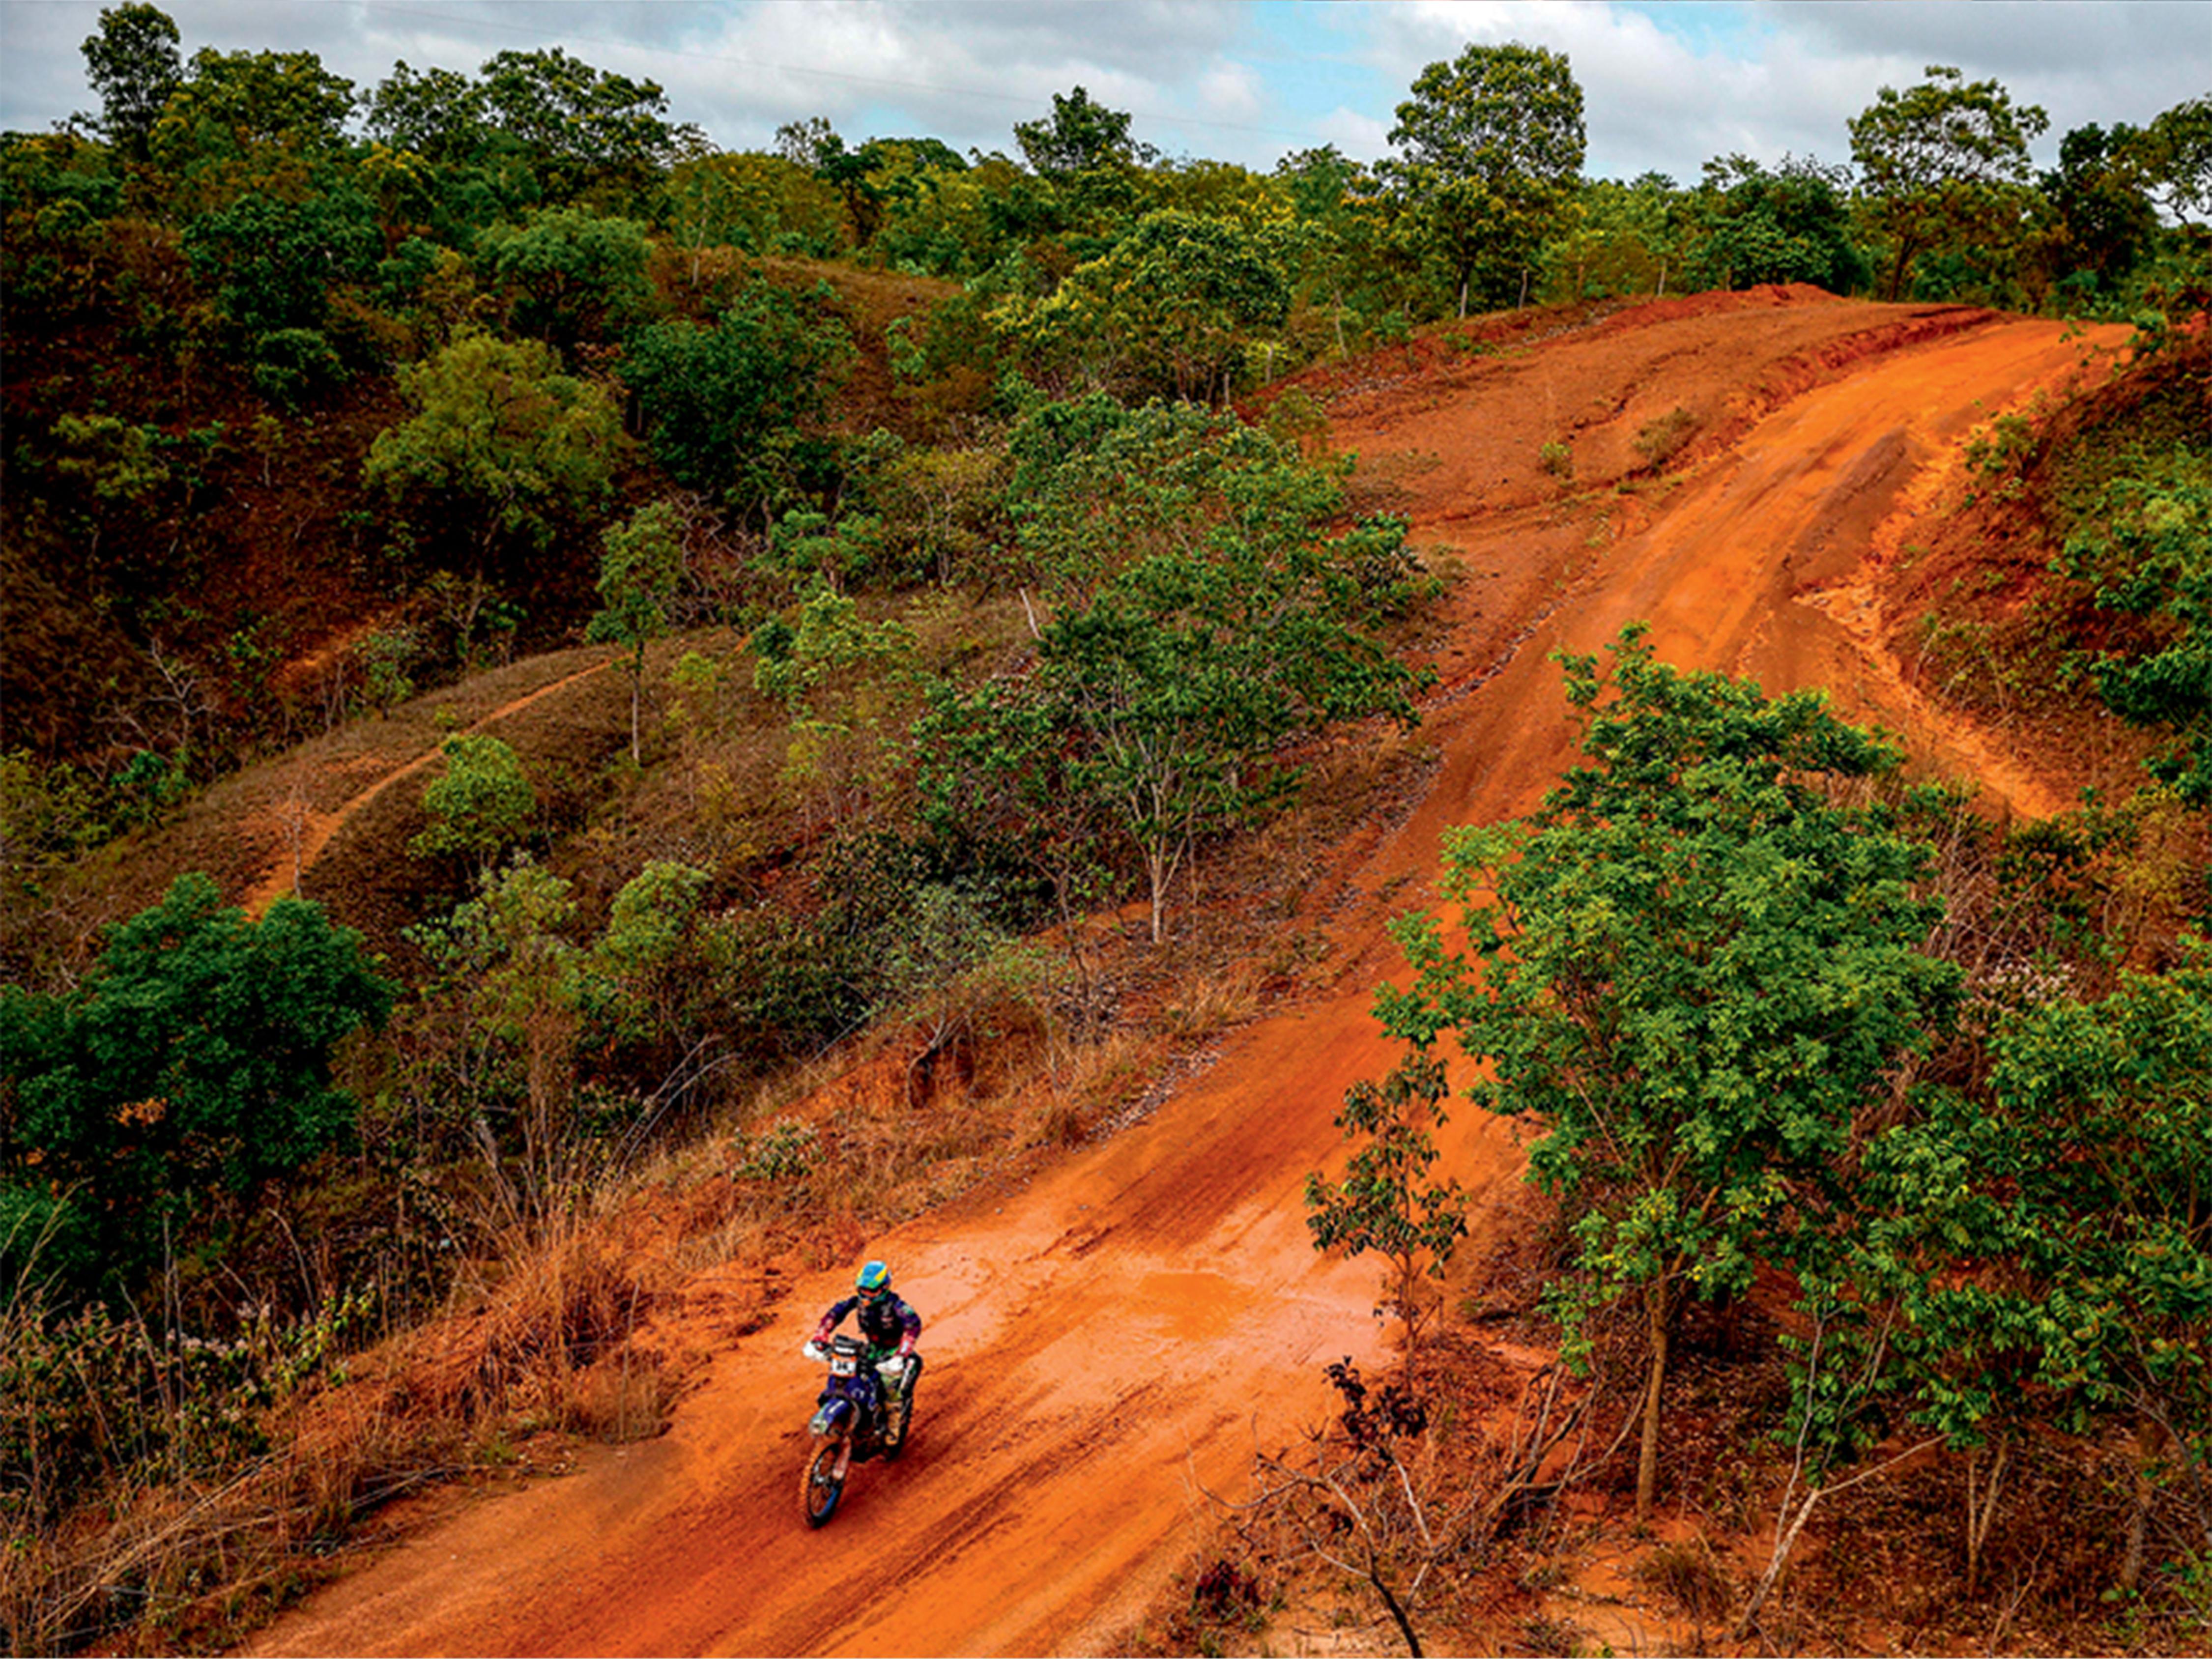 Uma faixa aberta em meio à vegetação vira pista no cenário de terra, com chão vermelho. Uma moto, pilotada por uma mulher, aparece no centro da pista